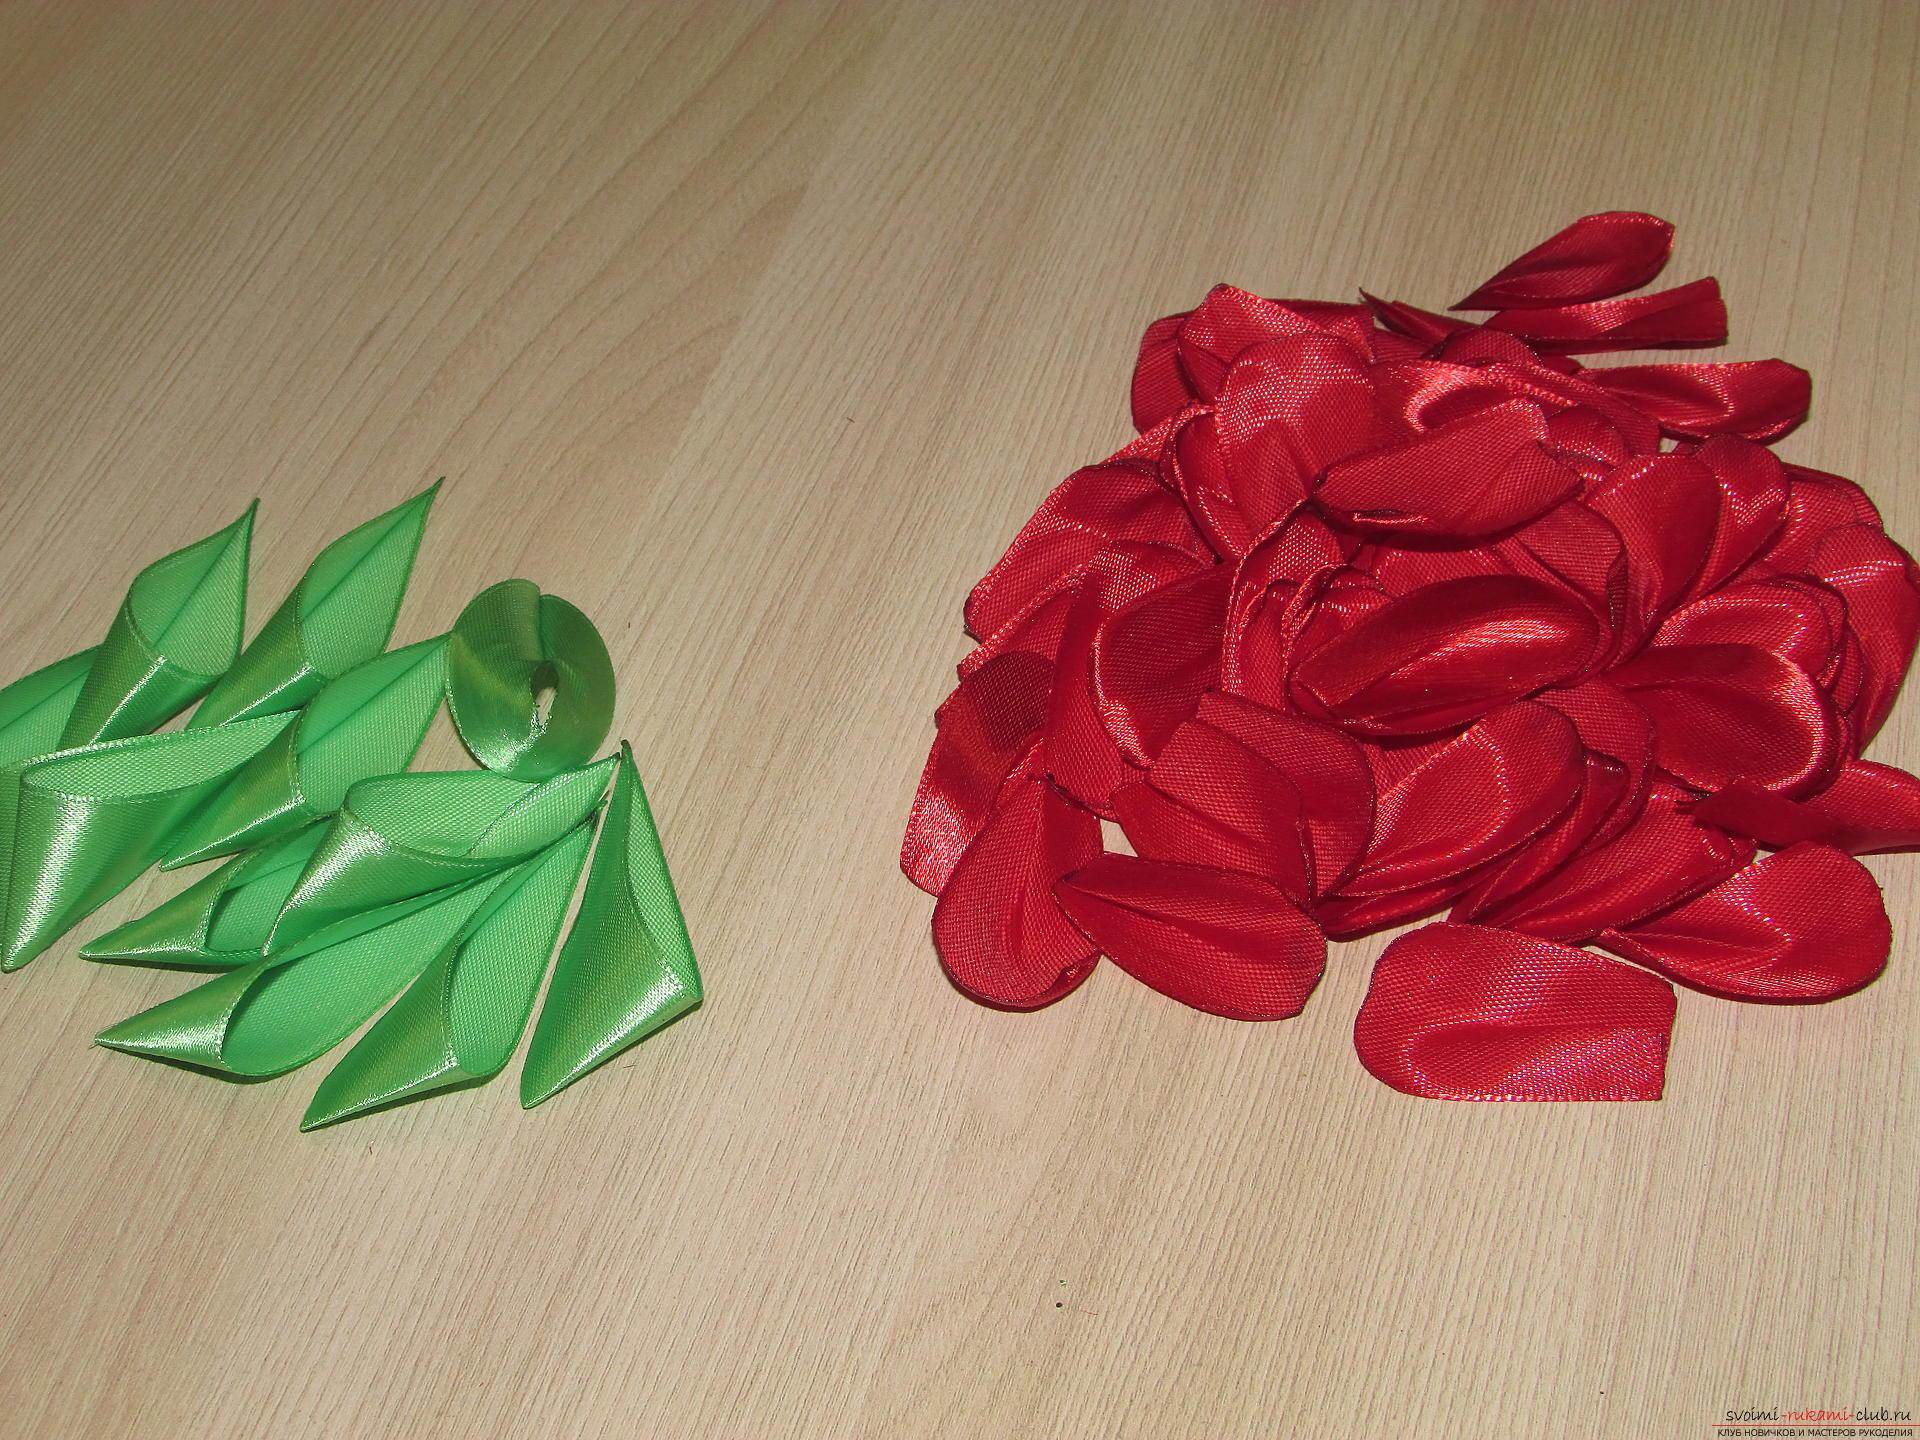 Этот мастер-класс научит как сделать тюльпаны из атласных лент своими руками.. Фото №10